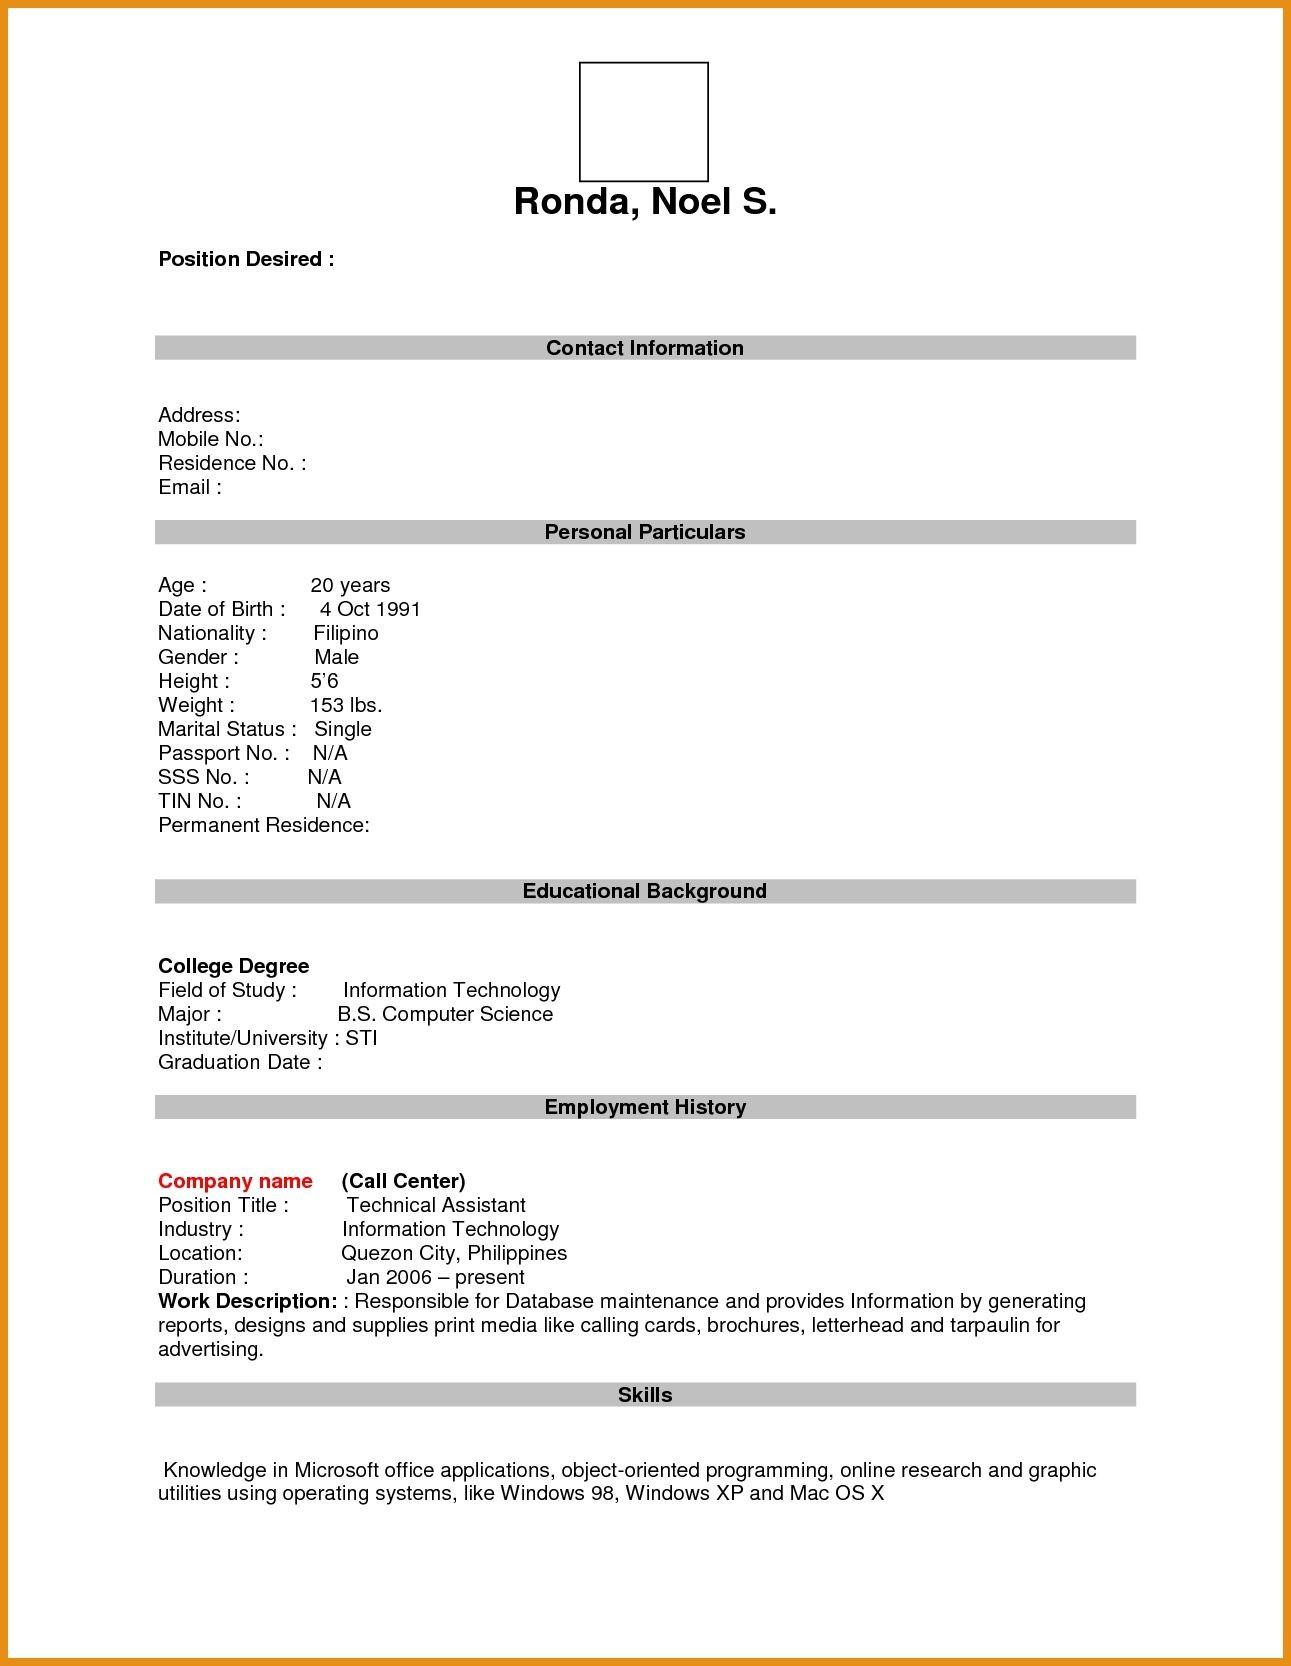 Sample Of Blank Resume for Job Application Resume format Blank - Resume format In 2021 Job Resume Template ...